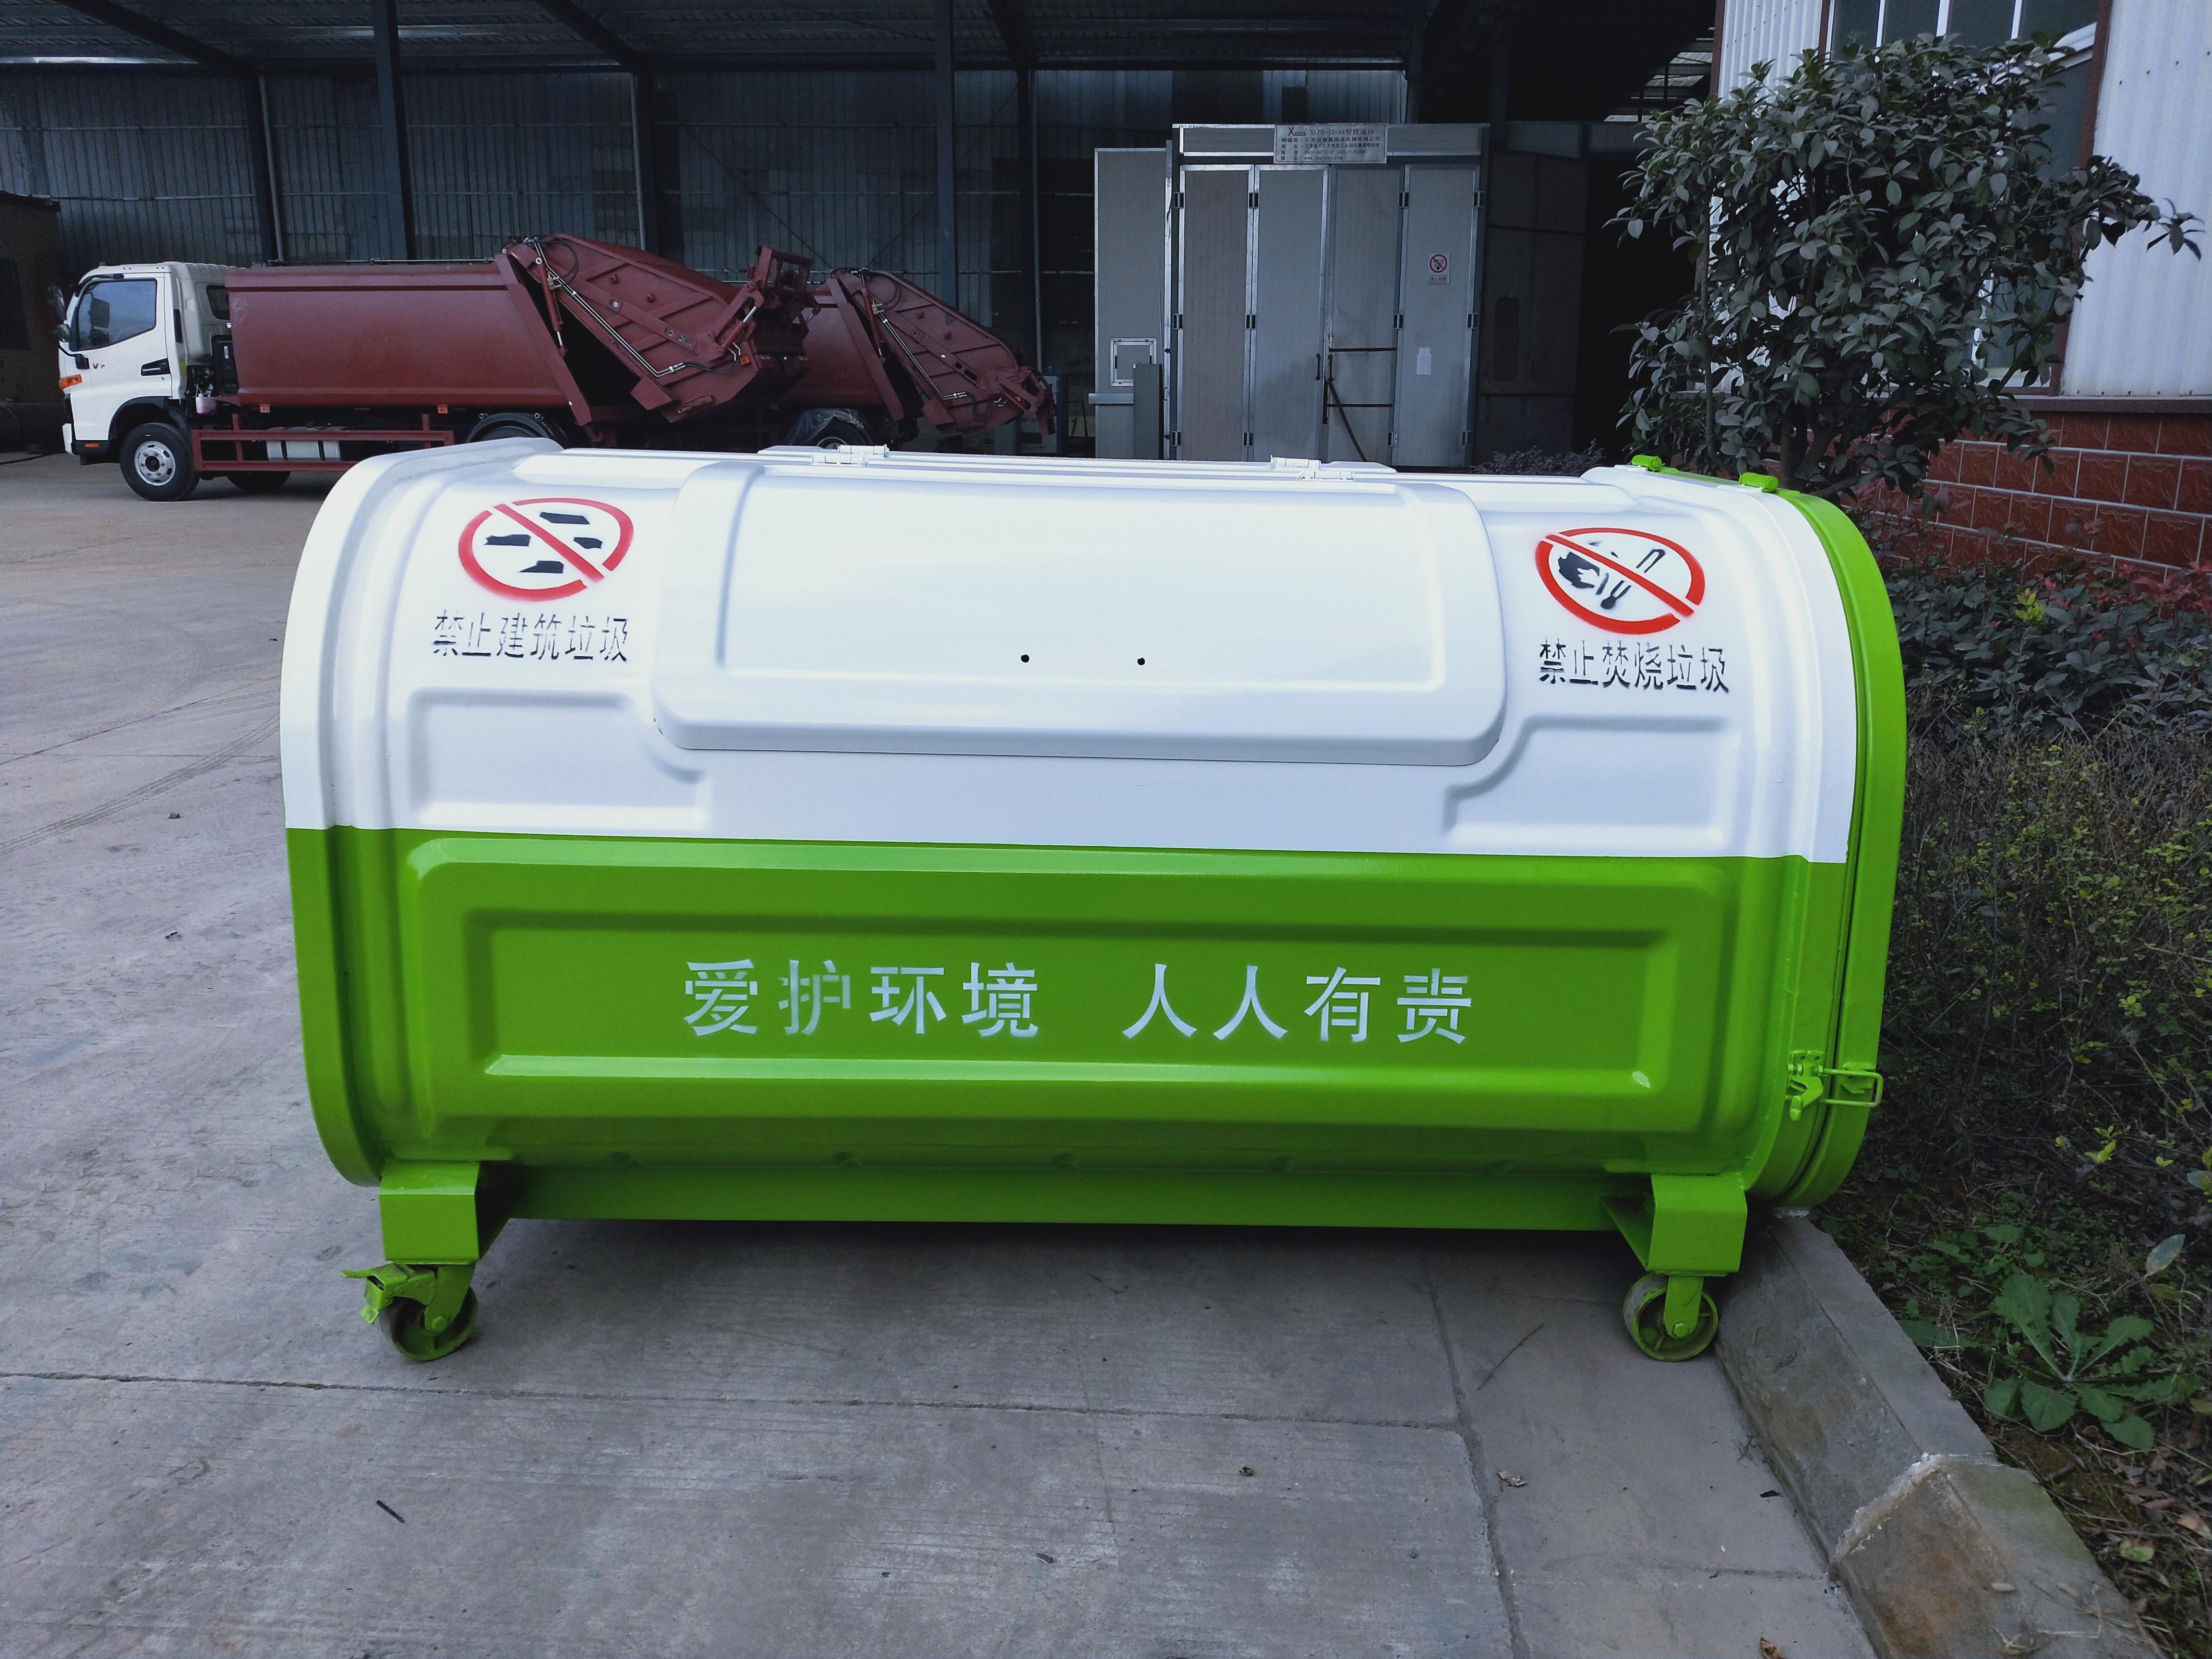 垃圾箱厂家3立方垃圾箱价格不同颜色图片垃圾箱万向轮图片图片